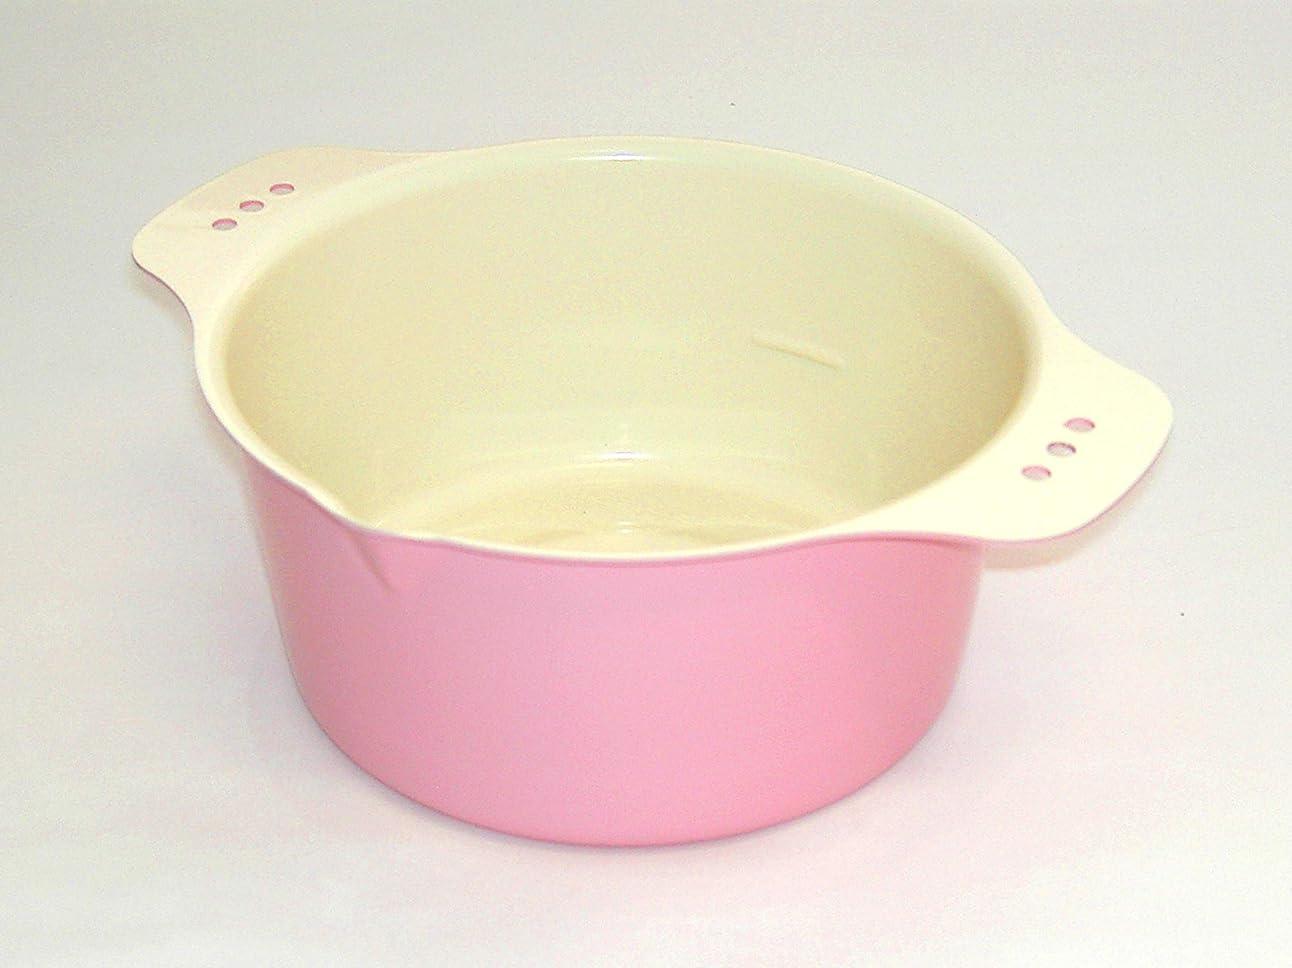 モード対処する体細胞天ぷら鍋 ちょい揚げ ピンク